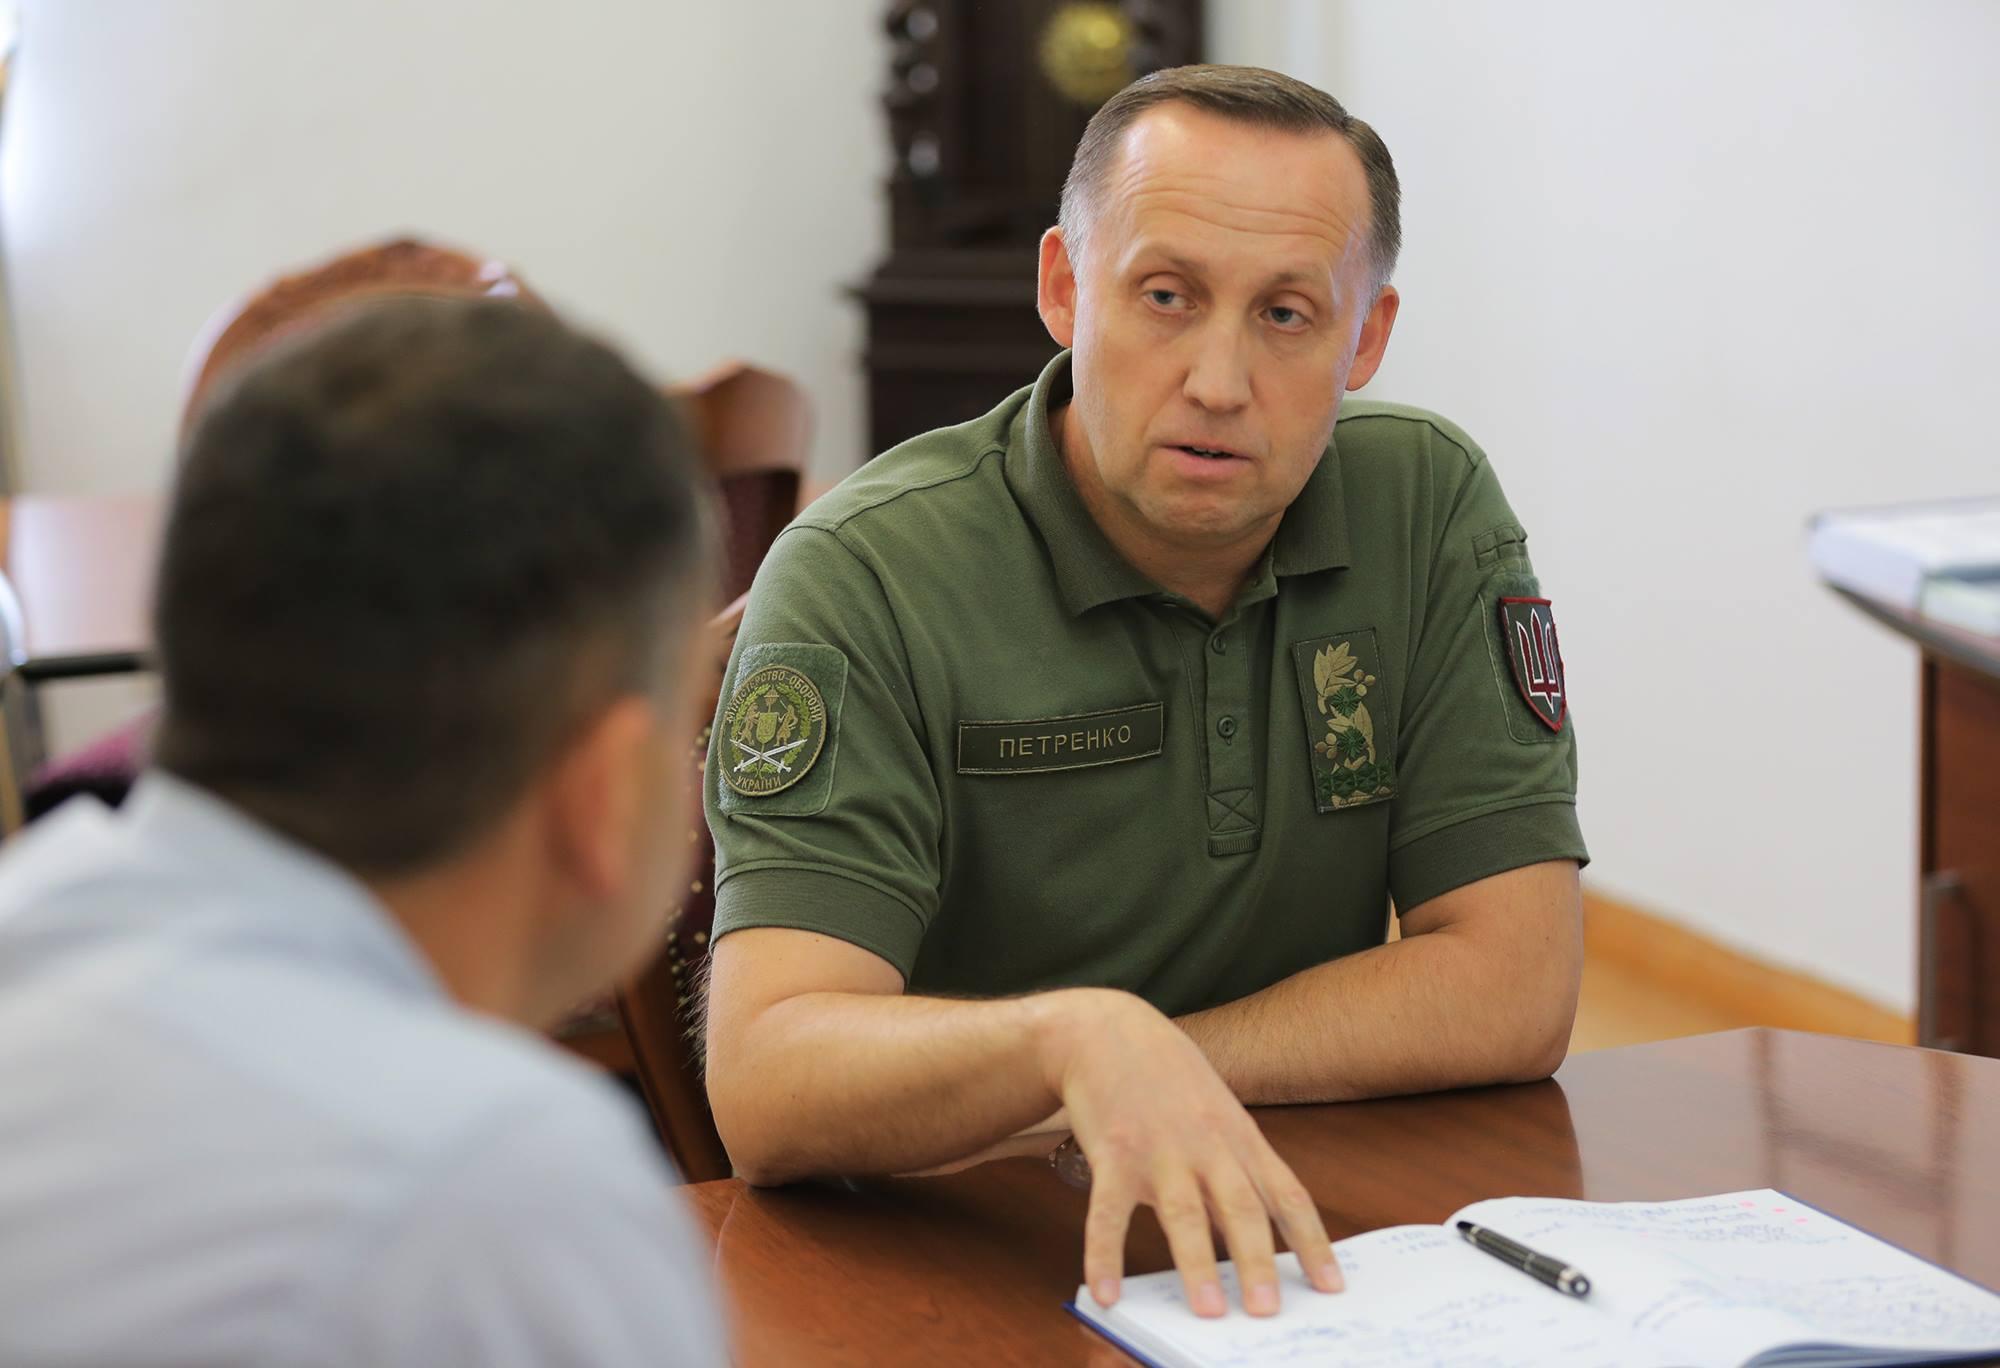 заступник Міністра оборони України з питань європейської інтеграції генерал-лейтенант Анатолій Петренко